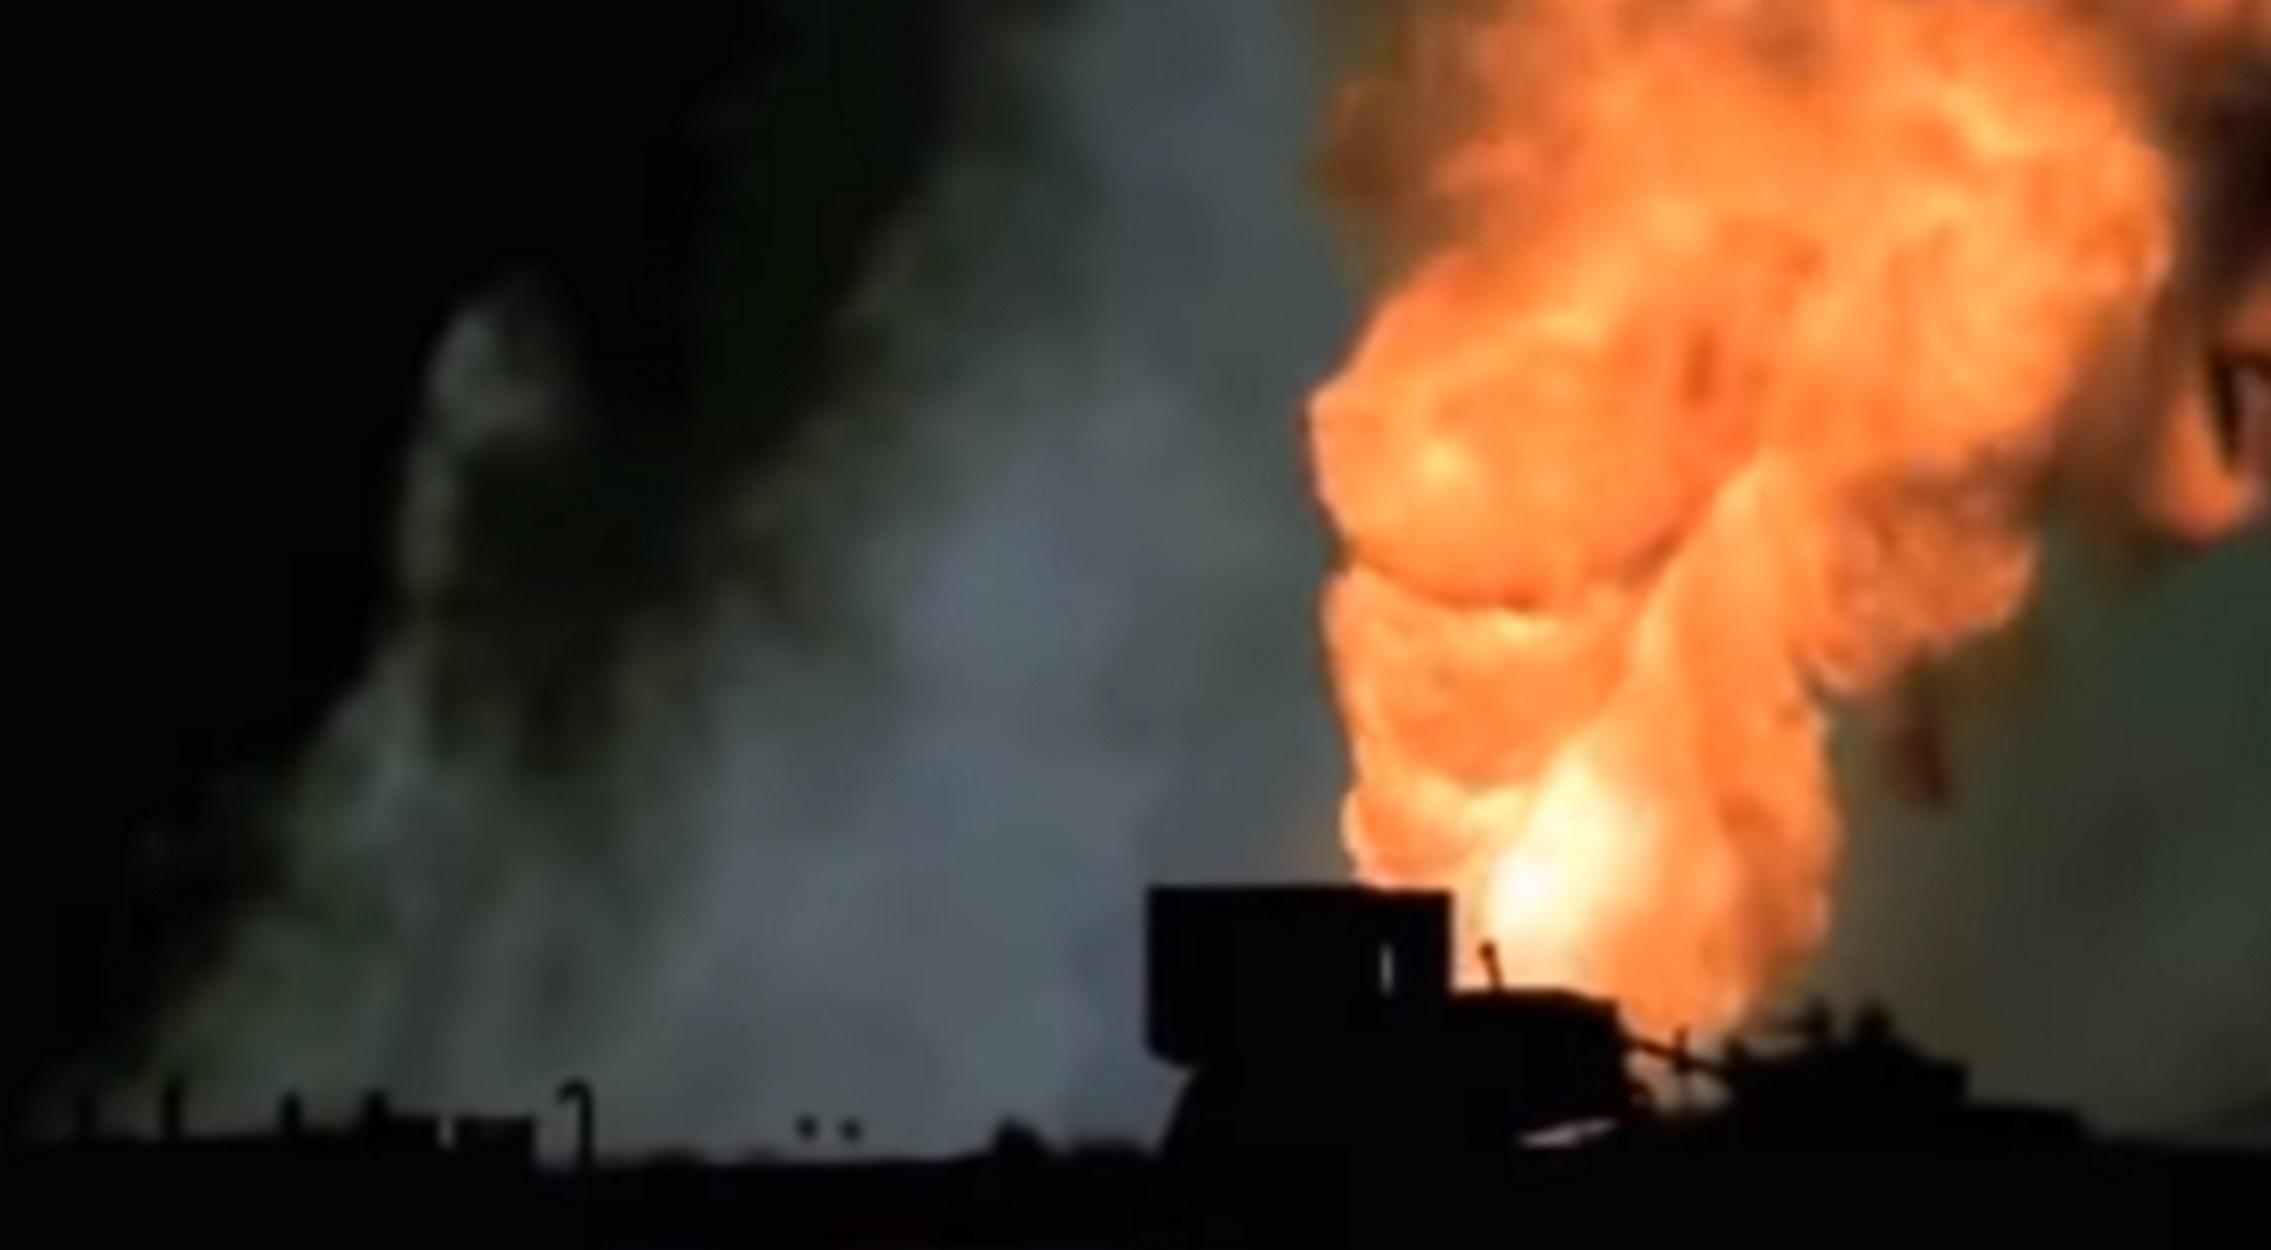 30 χρόνια από την εισβολή του Ιράκ στο Κουβέιτ: Ο πρώτος πόλεμος σε ζωντανή μετάδοση (pics, video)